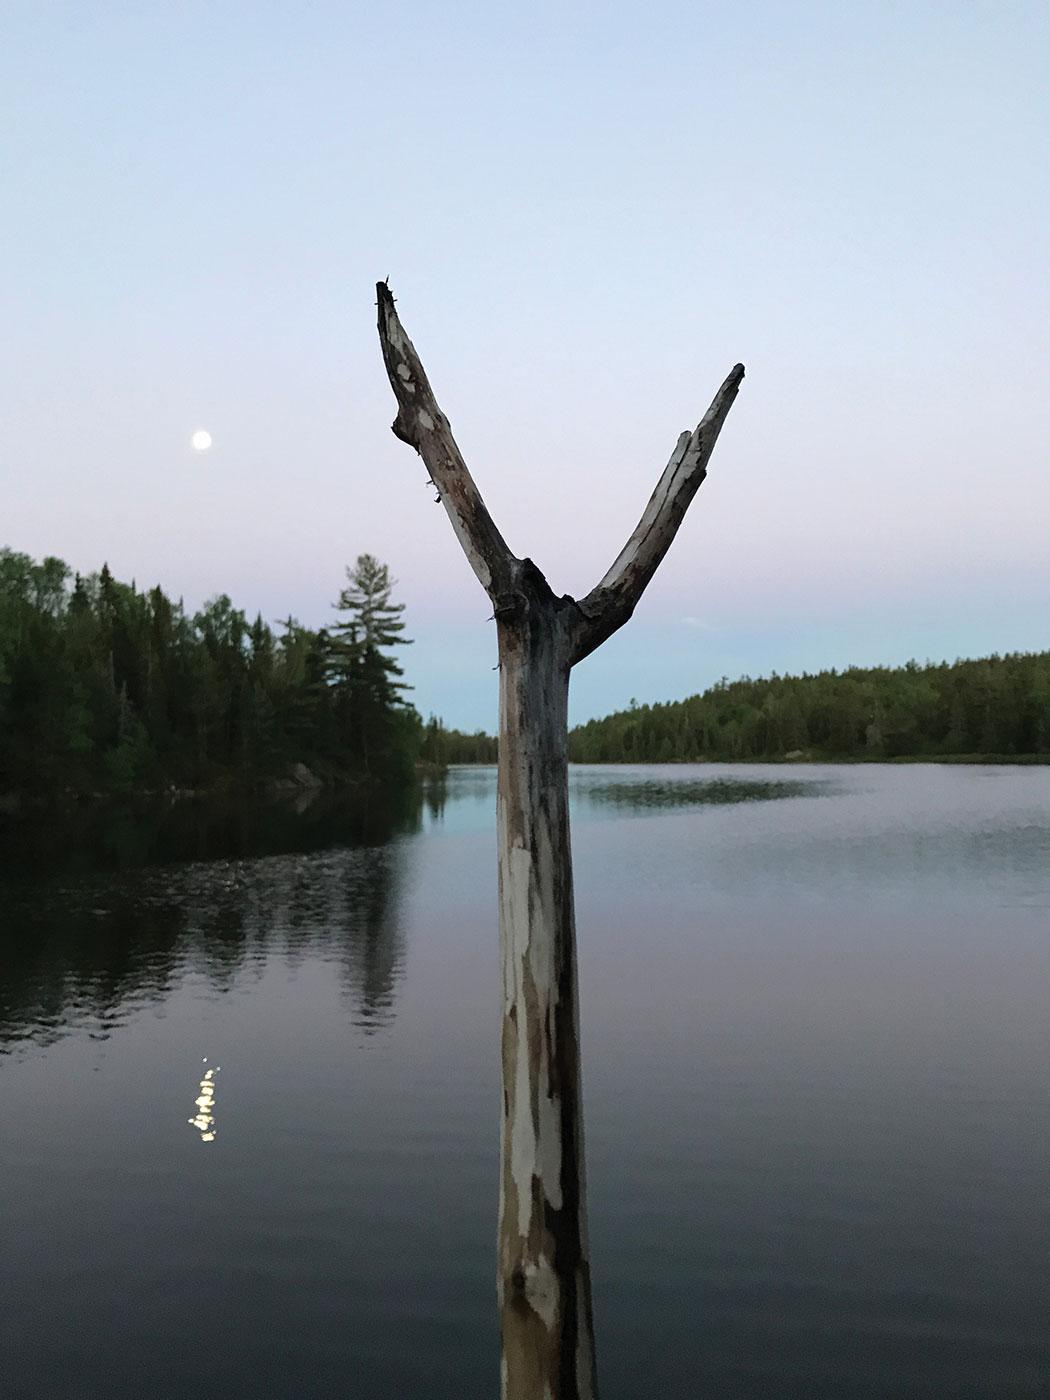 Jarvi Kononen   - Zenith Lake